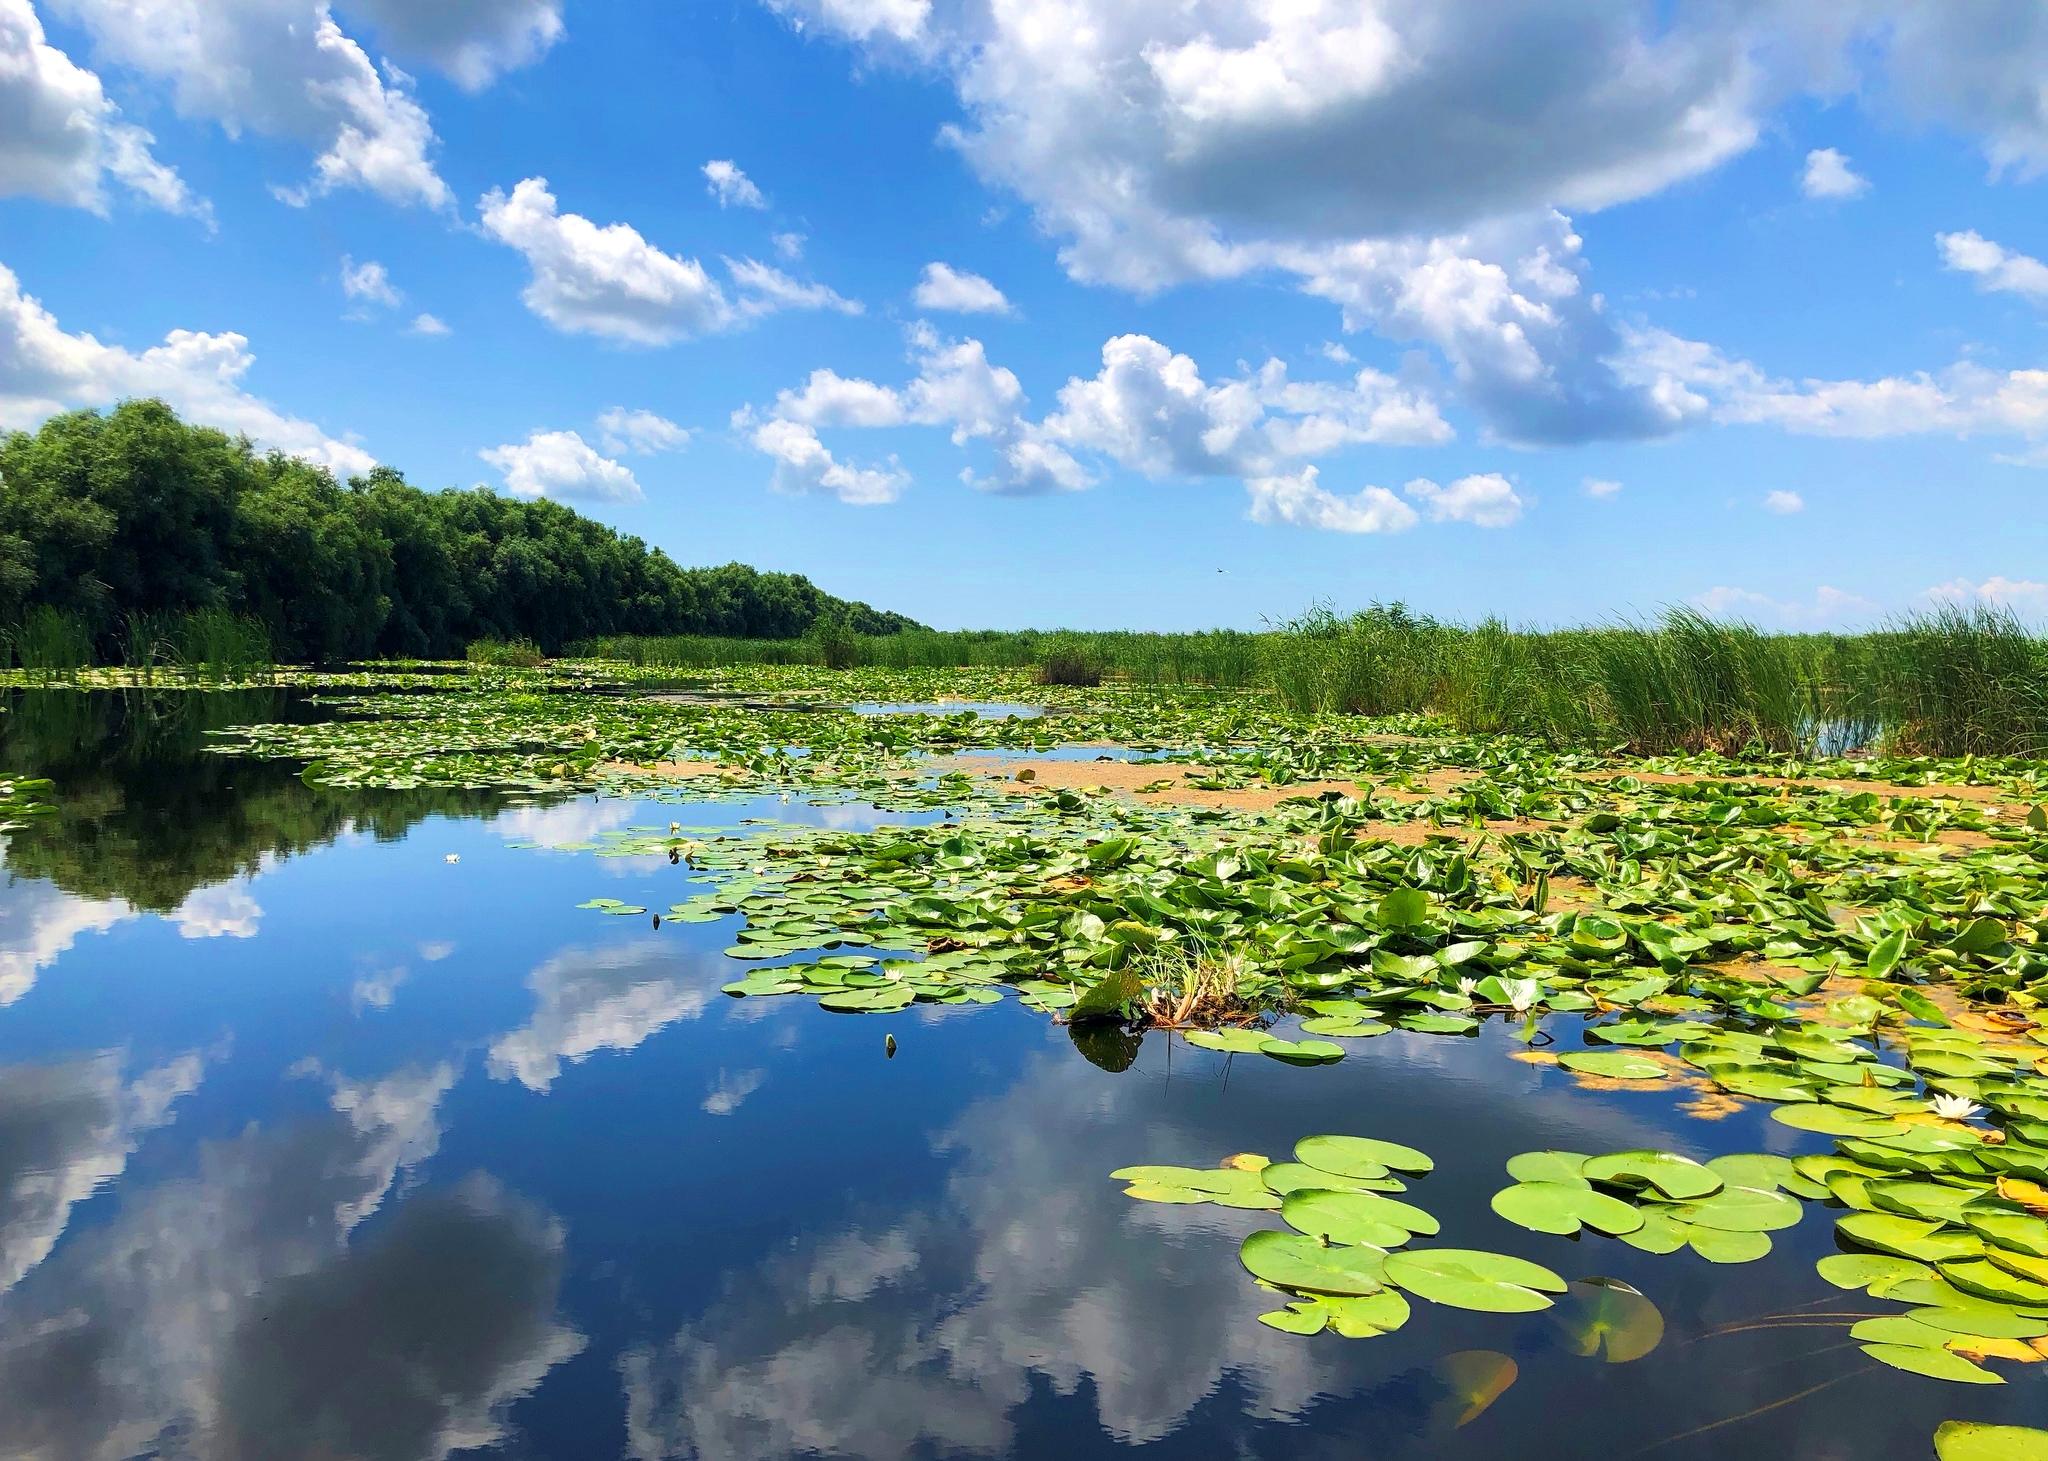 Ofertă Specială Plătește 1 și Merg 3 în Delta Dunării! (PUBLICITATE)    Libertatea